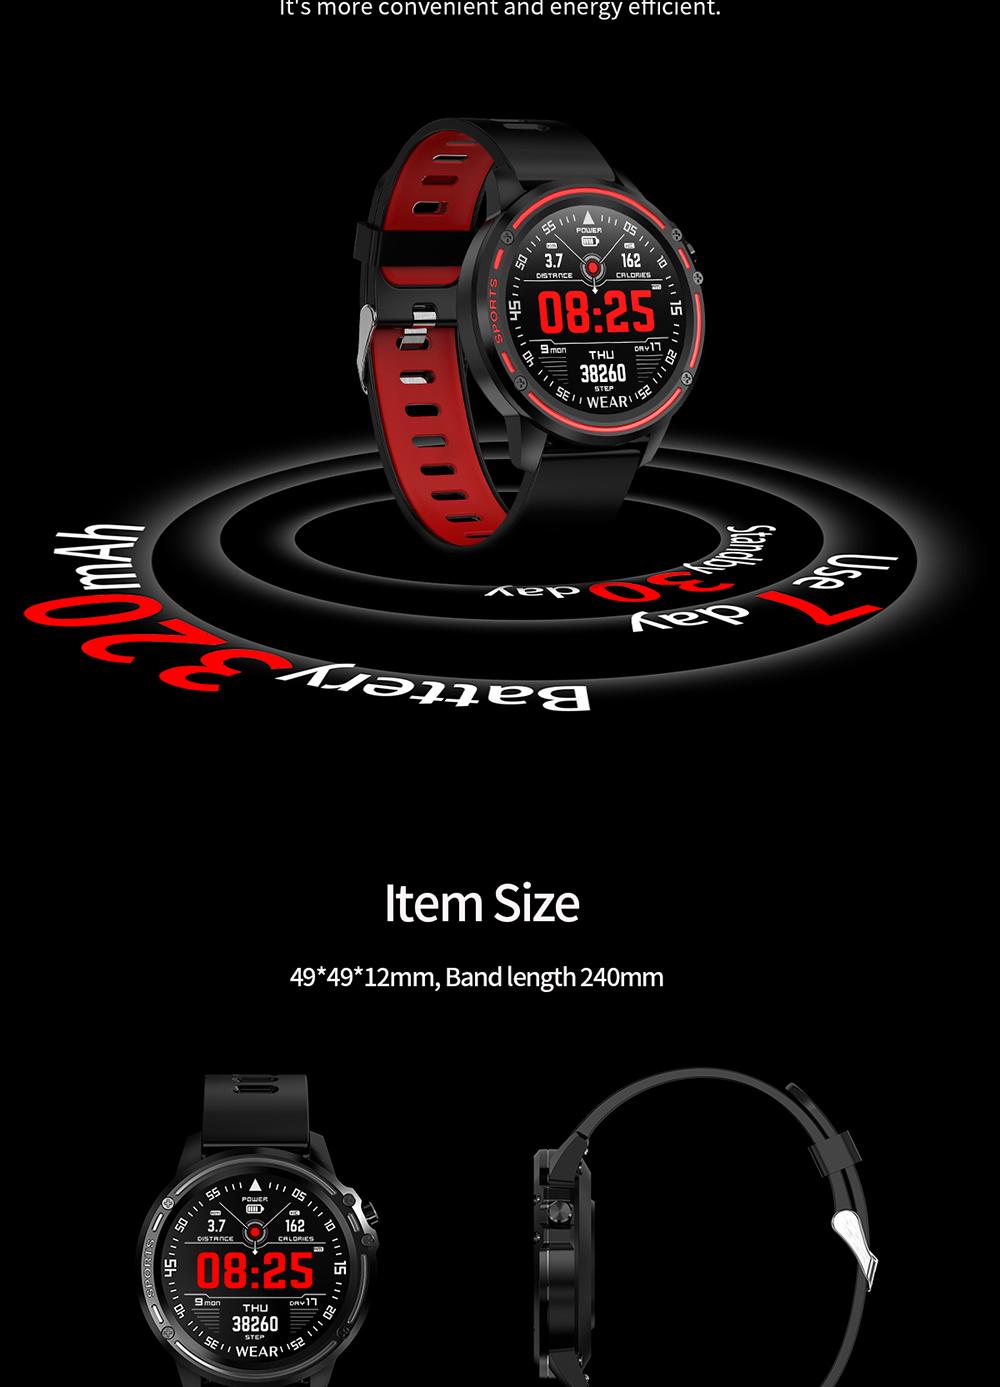 Reloj inteligente L8 IP68 para Hombre, Reloj inteligente resistente al agua con ECG presión arterial mediante PPG, relojes deportivos para fitness 17